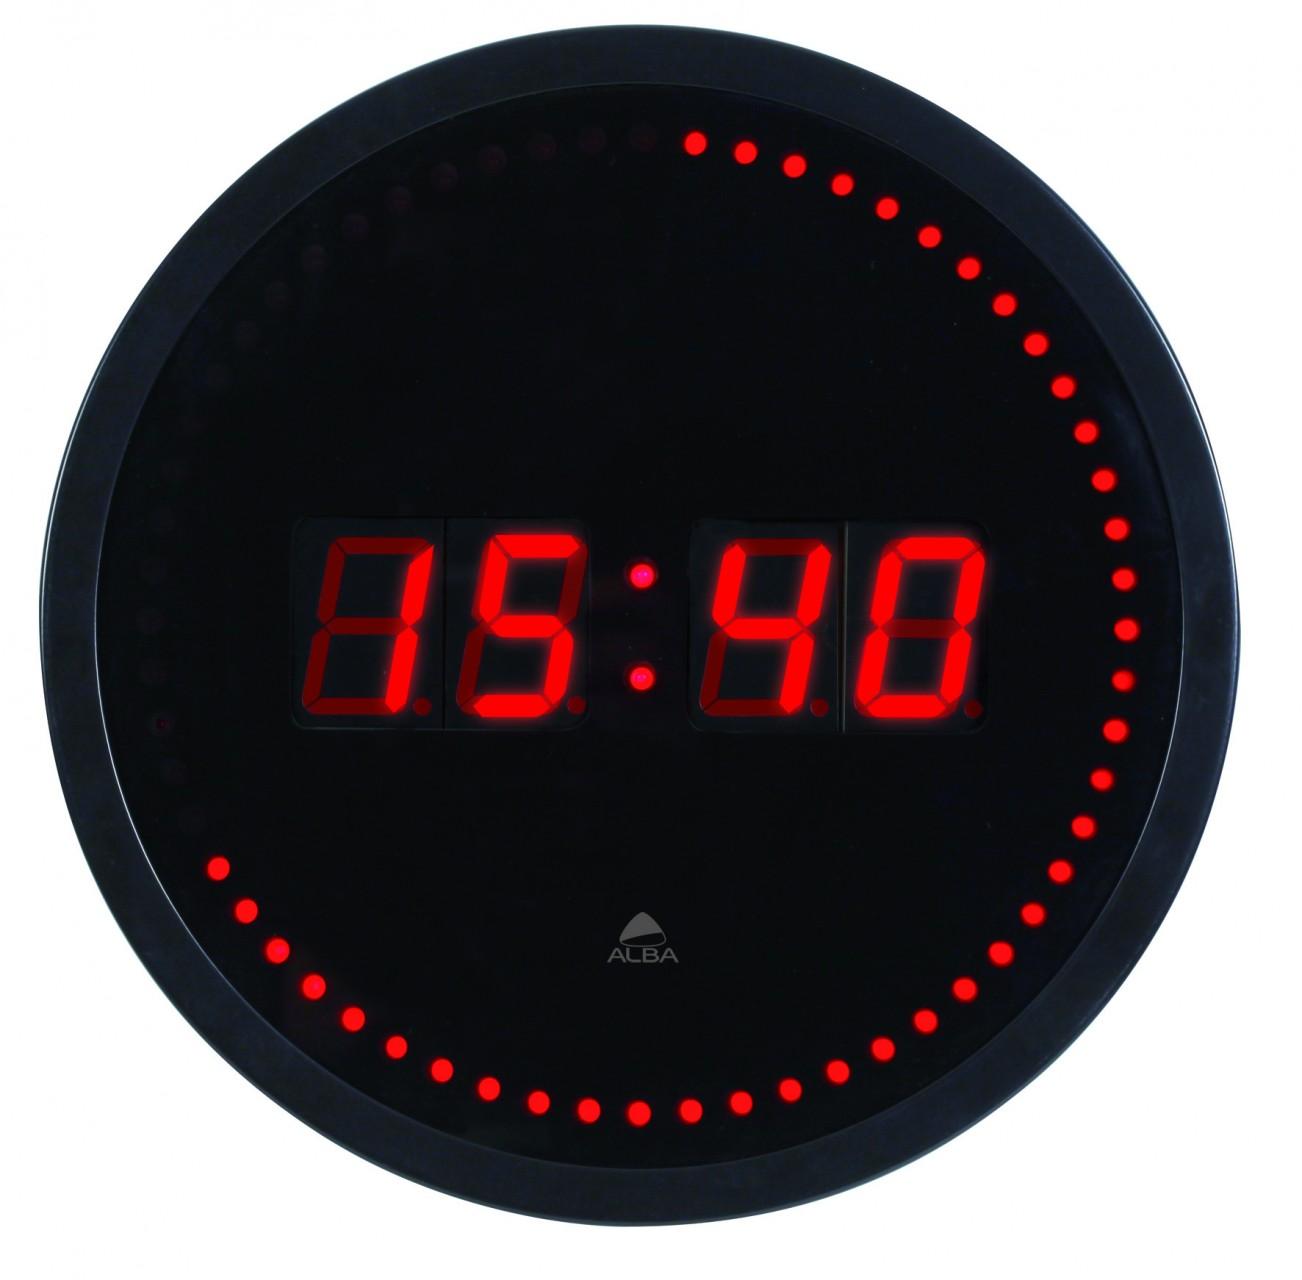 horloge led achat horloges 69 00. Black Bedroom Furniture Sets. Home Design Ideas